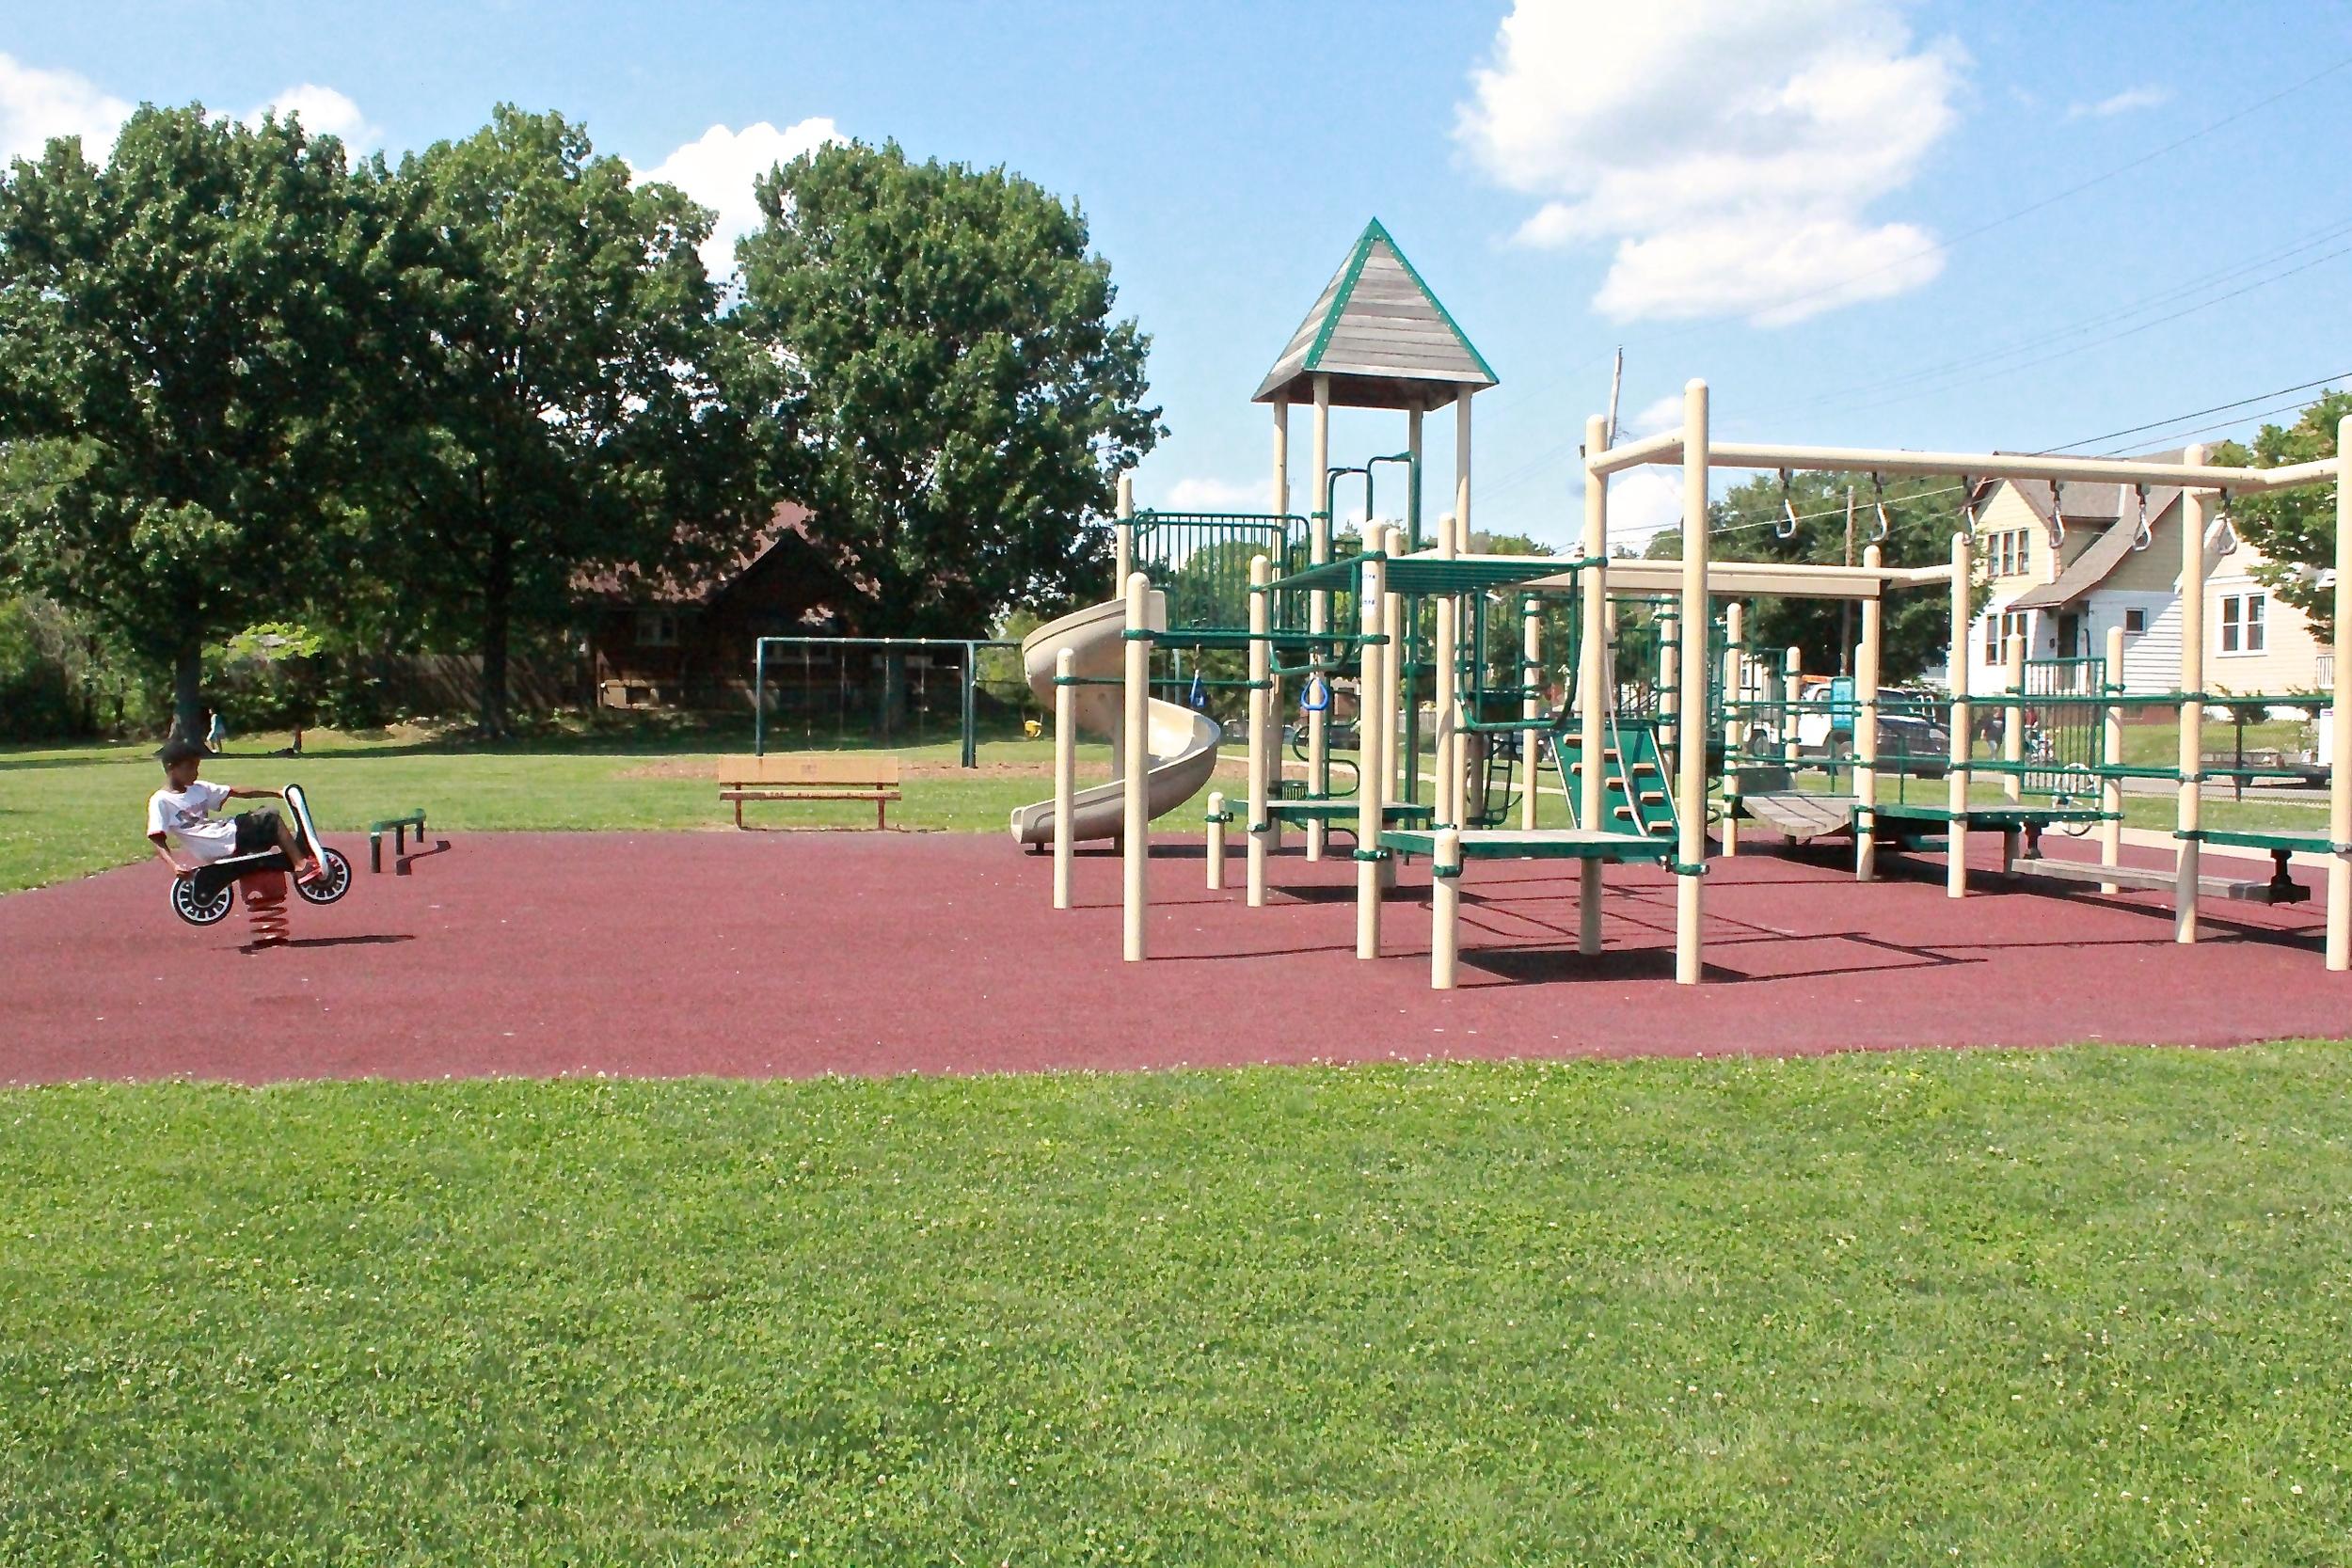 Olden Playground